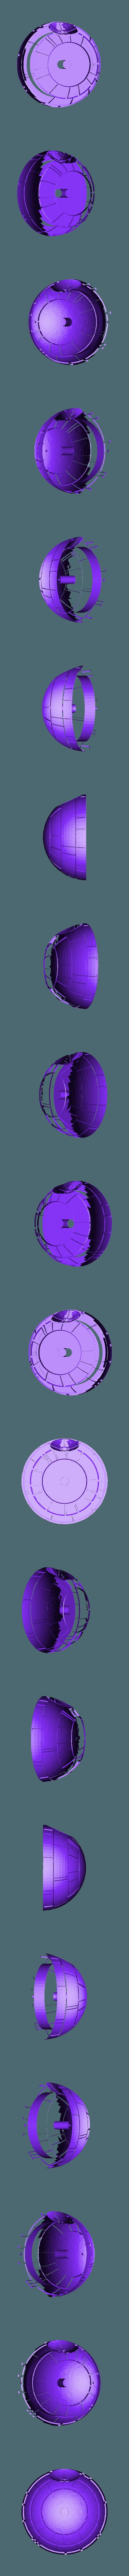 Death Star Top.stl Télécharger fichier STL gratuit Echo Dot 2 Stand de l'étoile de la mort • Objet à imprimer en 3D, BigRed3234